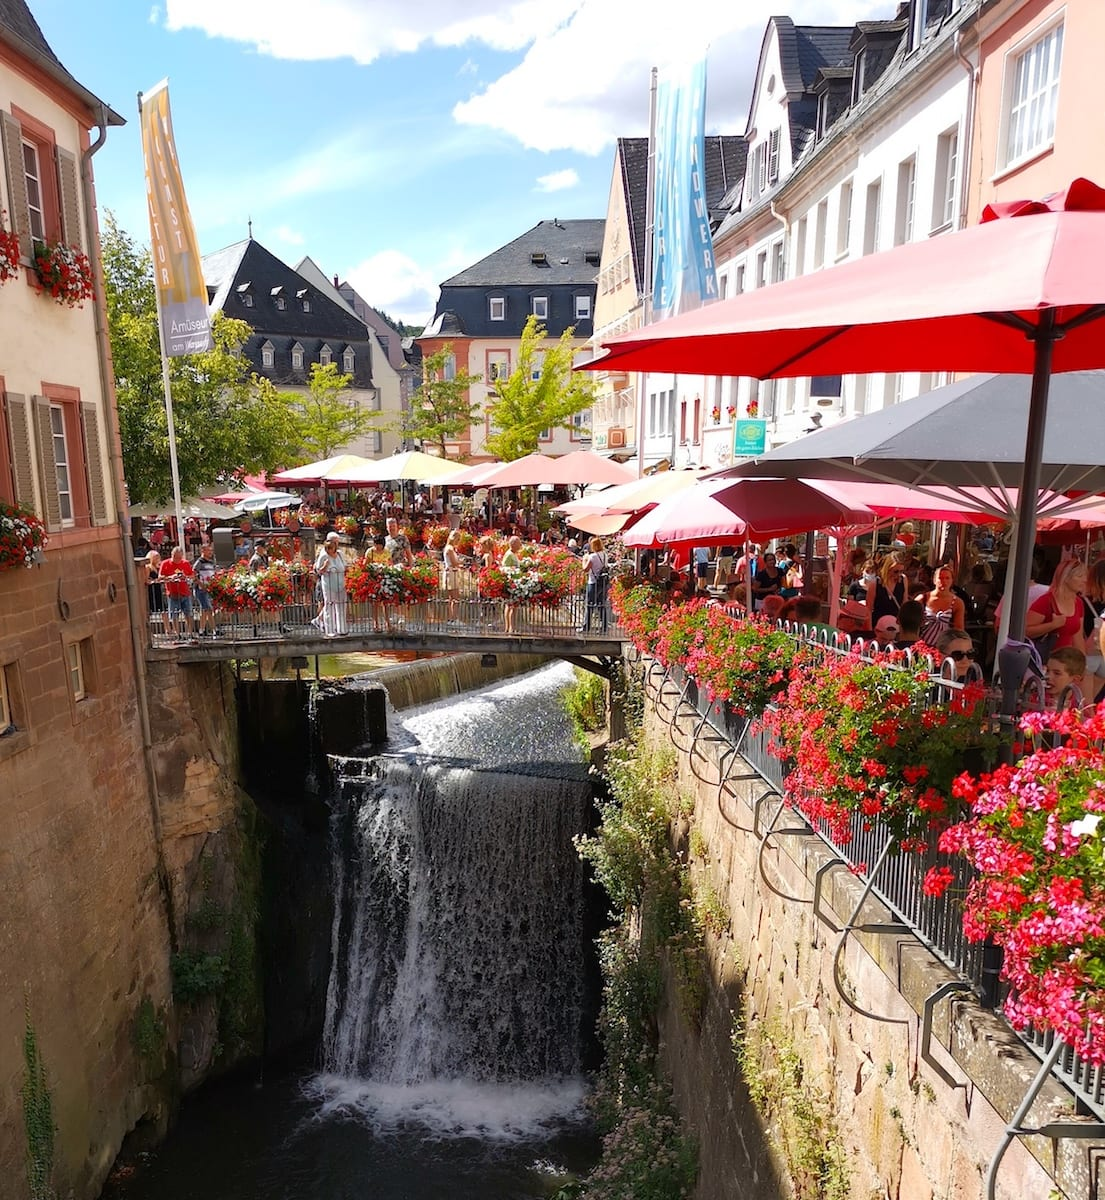 Saarburg: Wasserfall im Ortskern. Foto: Beate Ziehres / Reiselust-Mag